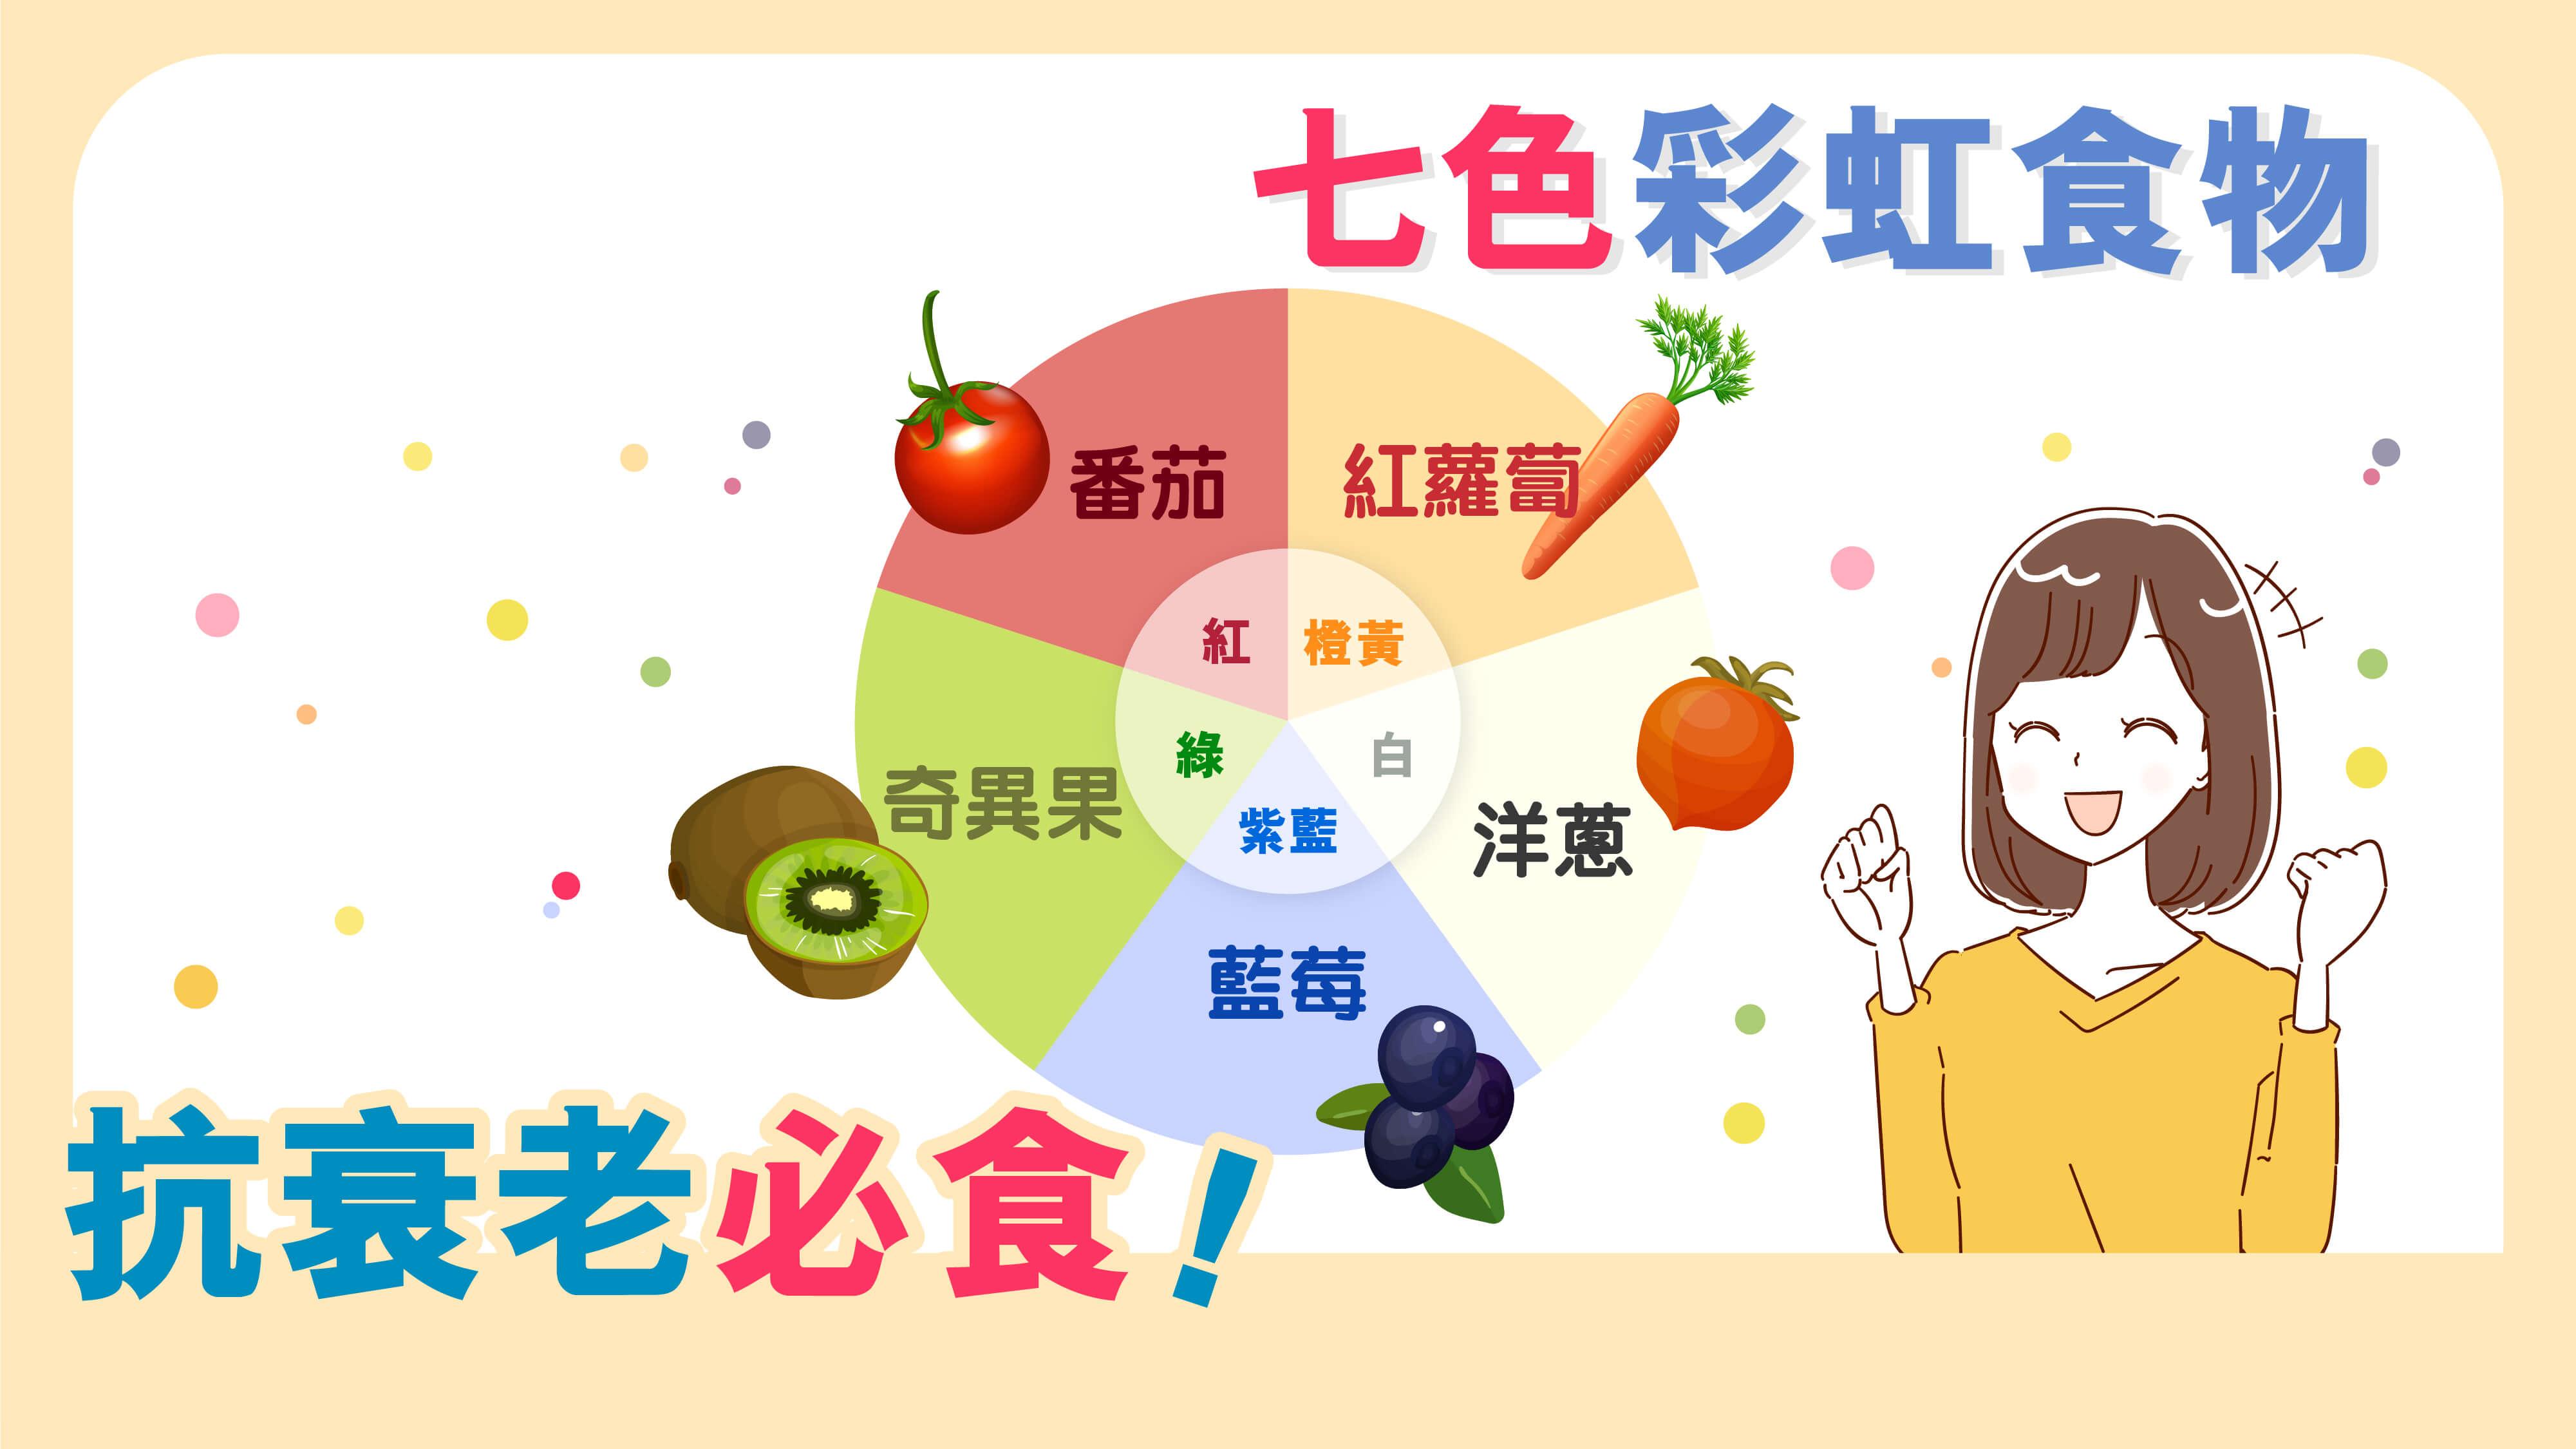 【呼吸都會老】抗衰老必食「七色彩虹食物」